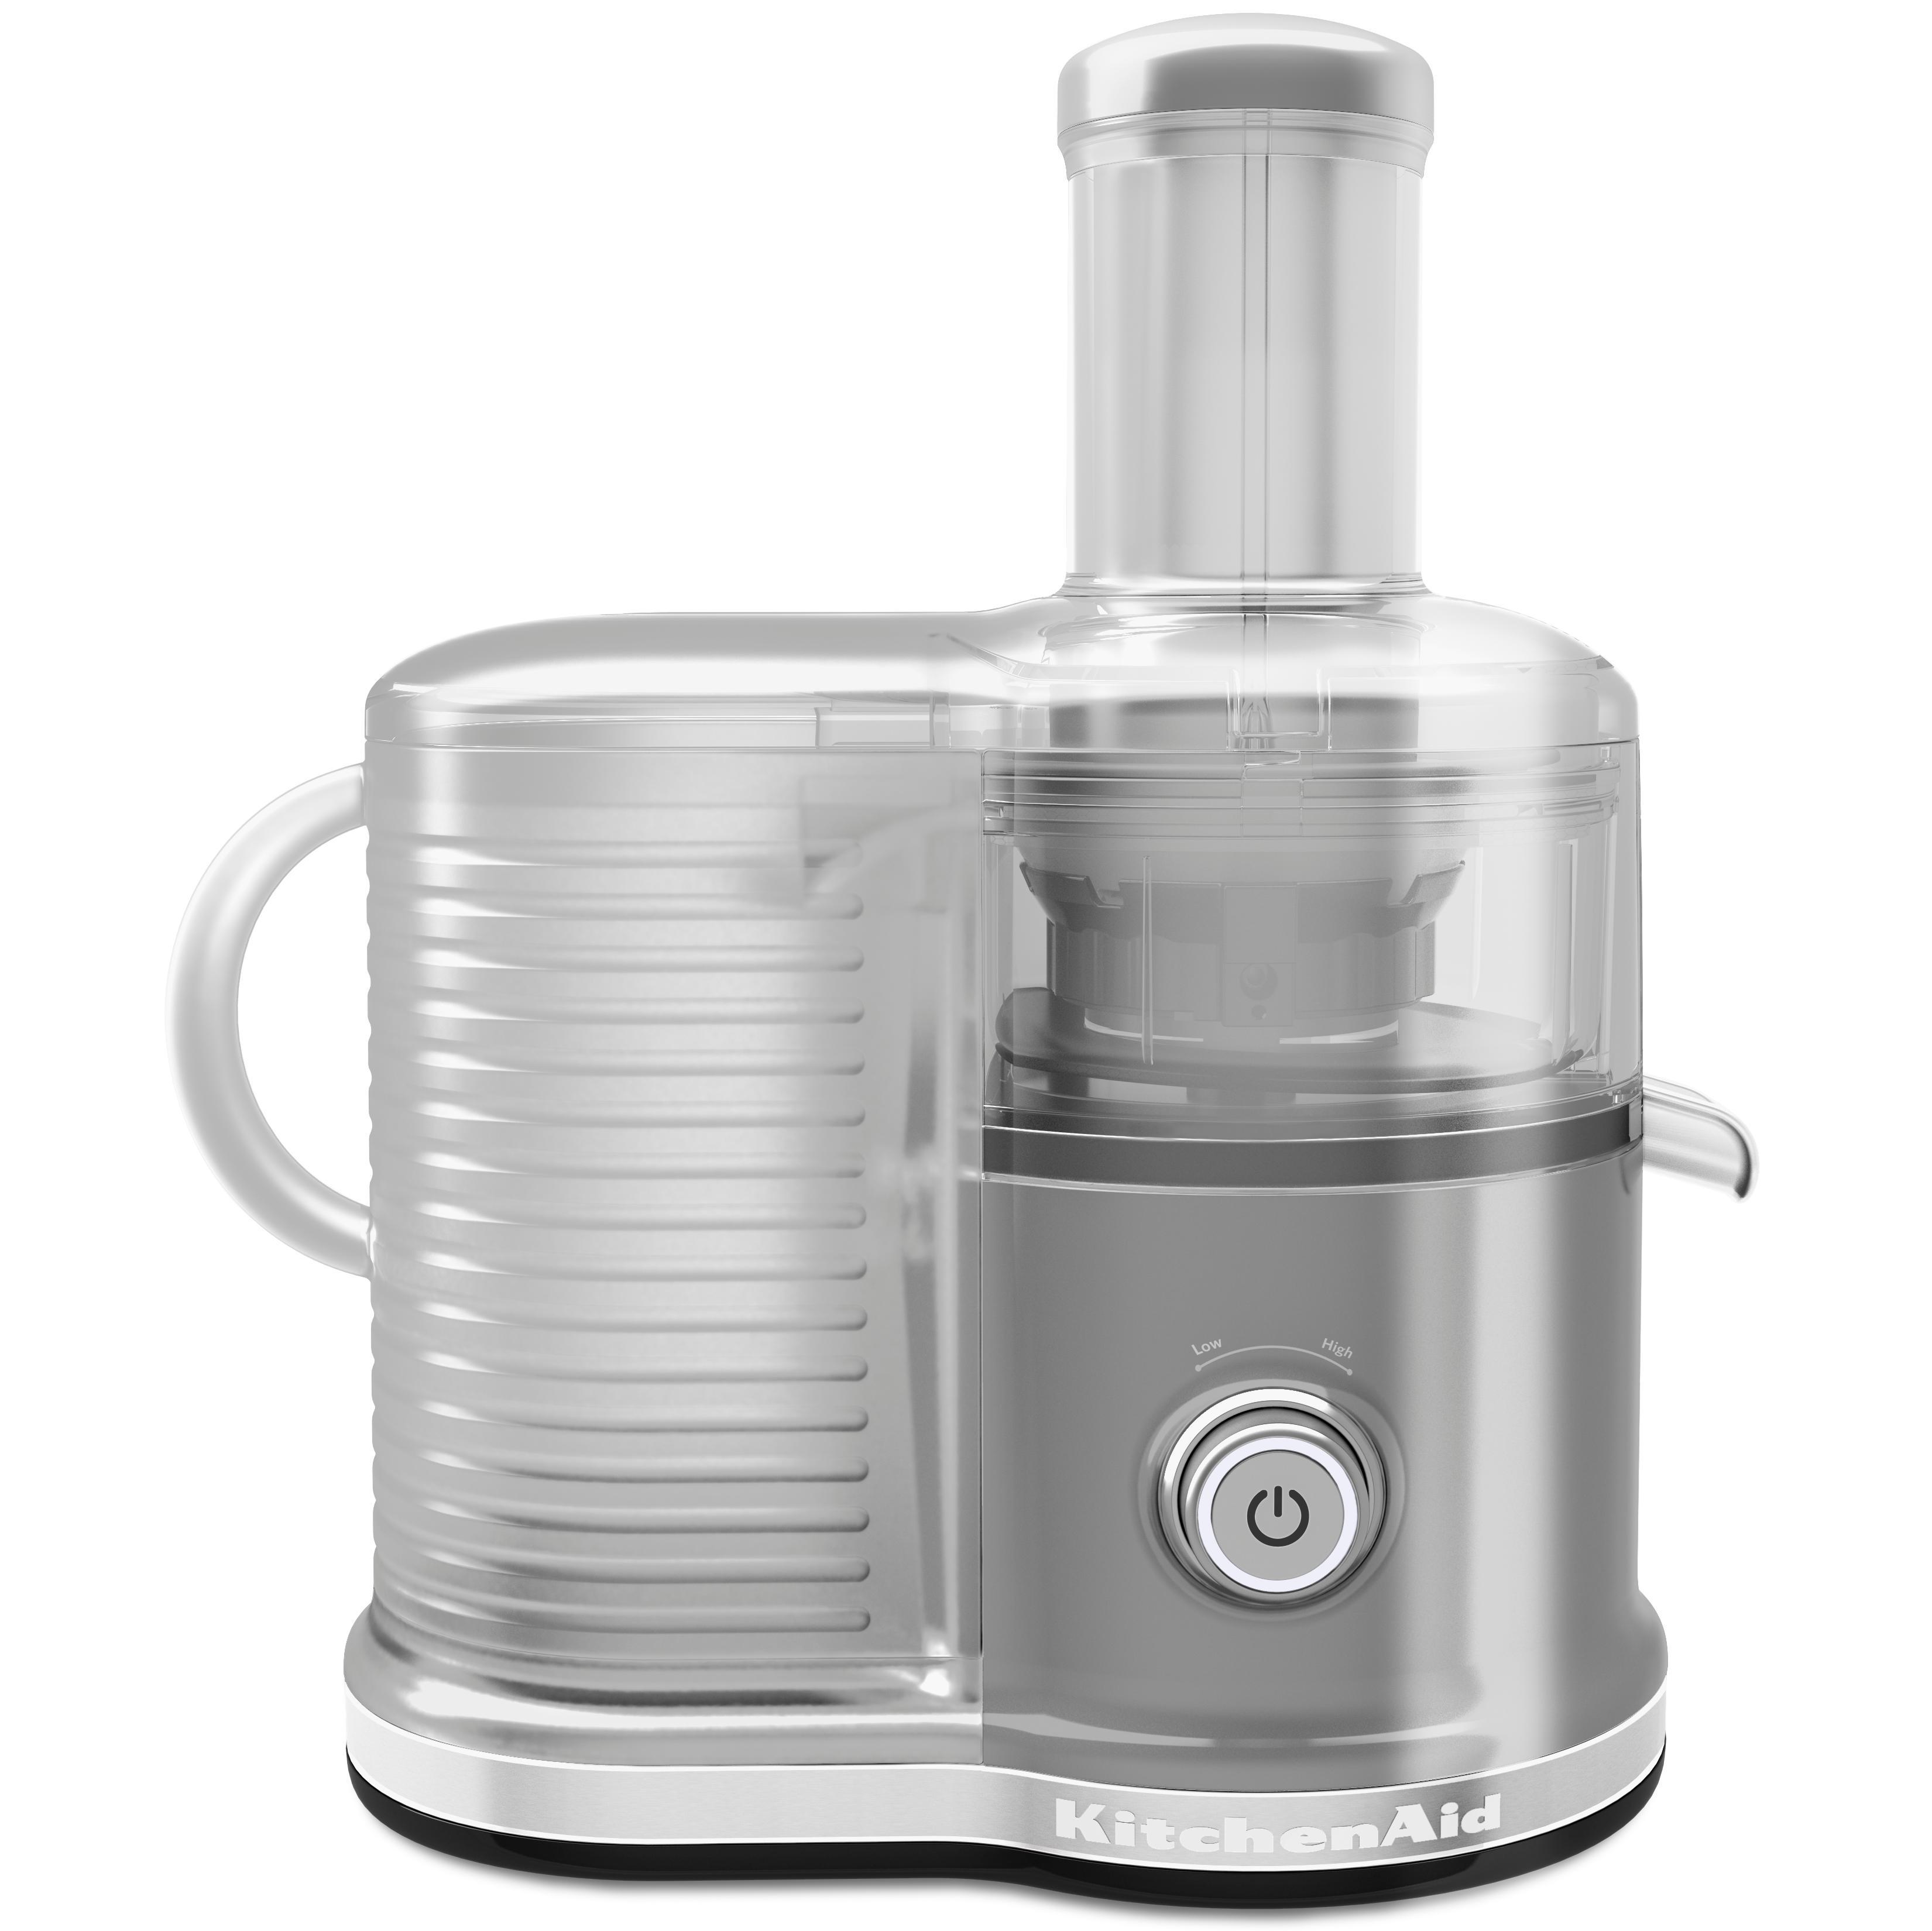 KitchenAid KVJ0333CU Easy Clean Juicer with Pulp Control: Amazon.ca on omega juicer, montel williams juicer, marvel juicer, commercial juicer, stainless steel juicer, juiceman juicer, ninja juicer, morphy richards juicer, manual juicer, electric juicer, champion juicer, oster juicer, vintage metal juicer, healthmaster juicer, power juicer, fruit juicer, cuisinart juicer, turbo juicer, vitamix juicer, greenstar juicer, masticating juicer, kitchen pro juicer, breville juicer, jack lalanne power juicer, wheatgrass juicer, citrus juicer, jml juicer, mini juicer, big boss juicer, hamilton beach juicer, orange juicer, jack lalanne juicer, vegetable juicer, magic bullet juicer, progressive juicer, joyoung juicer, waring juicer,